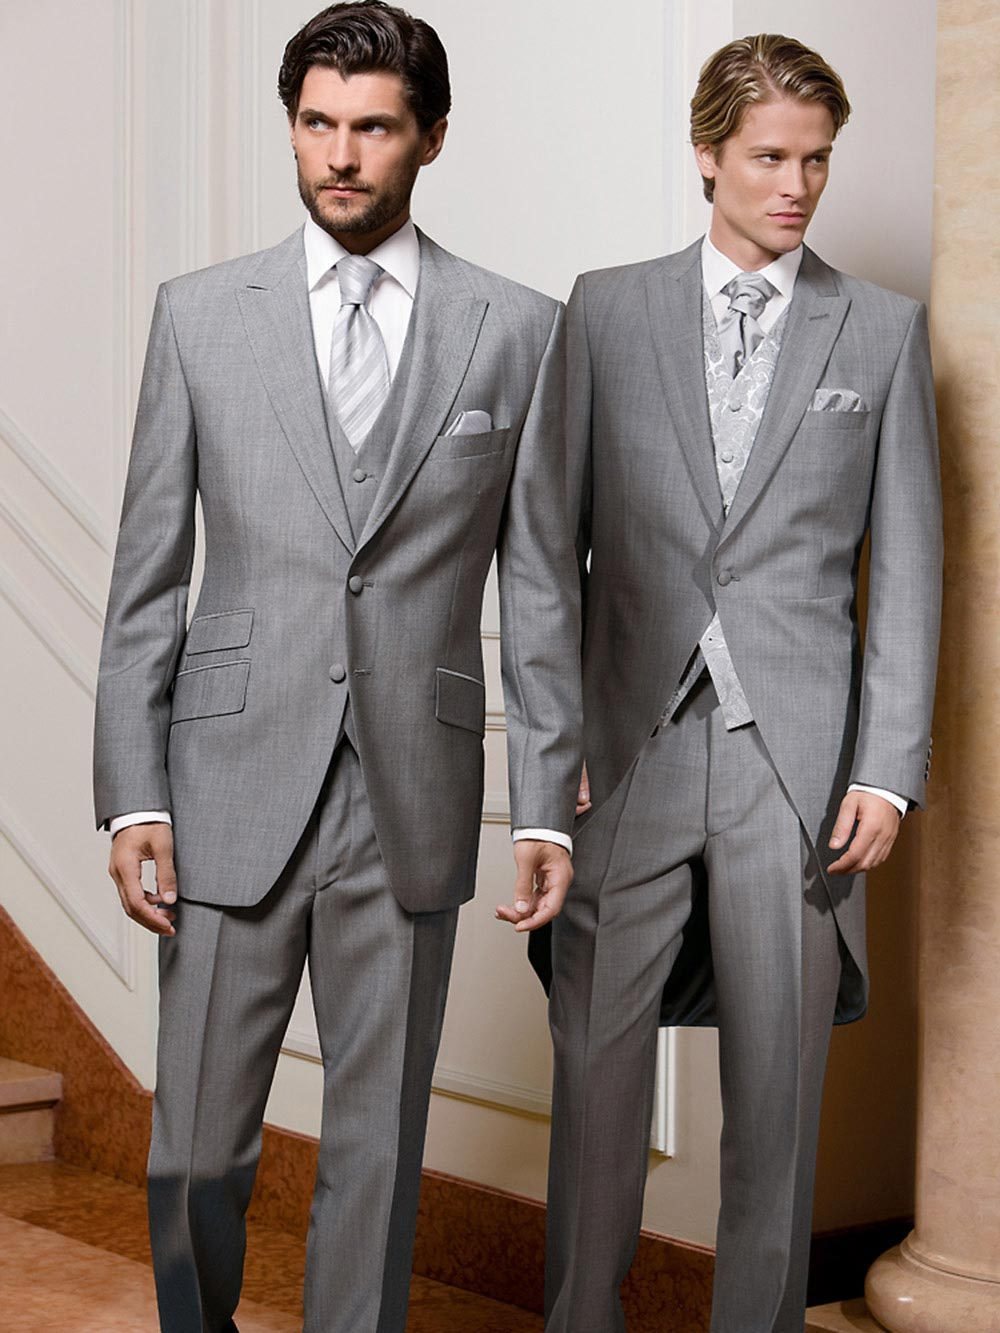 günstig kaufen schnüren in Großbritannien Anzug Wilvorst Cut hellgrau von Wilvorst auf Ja.de